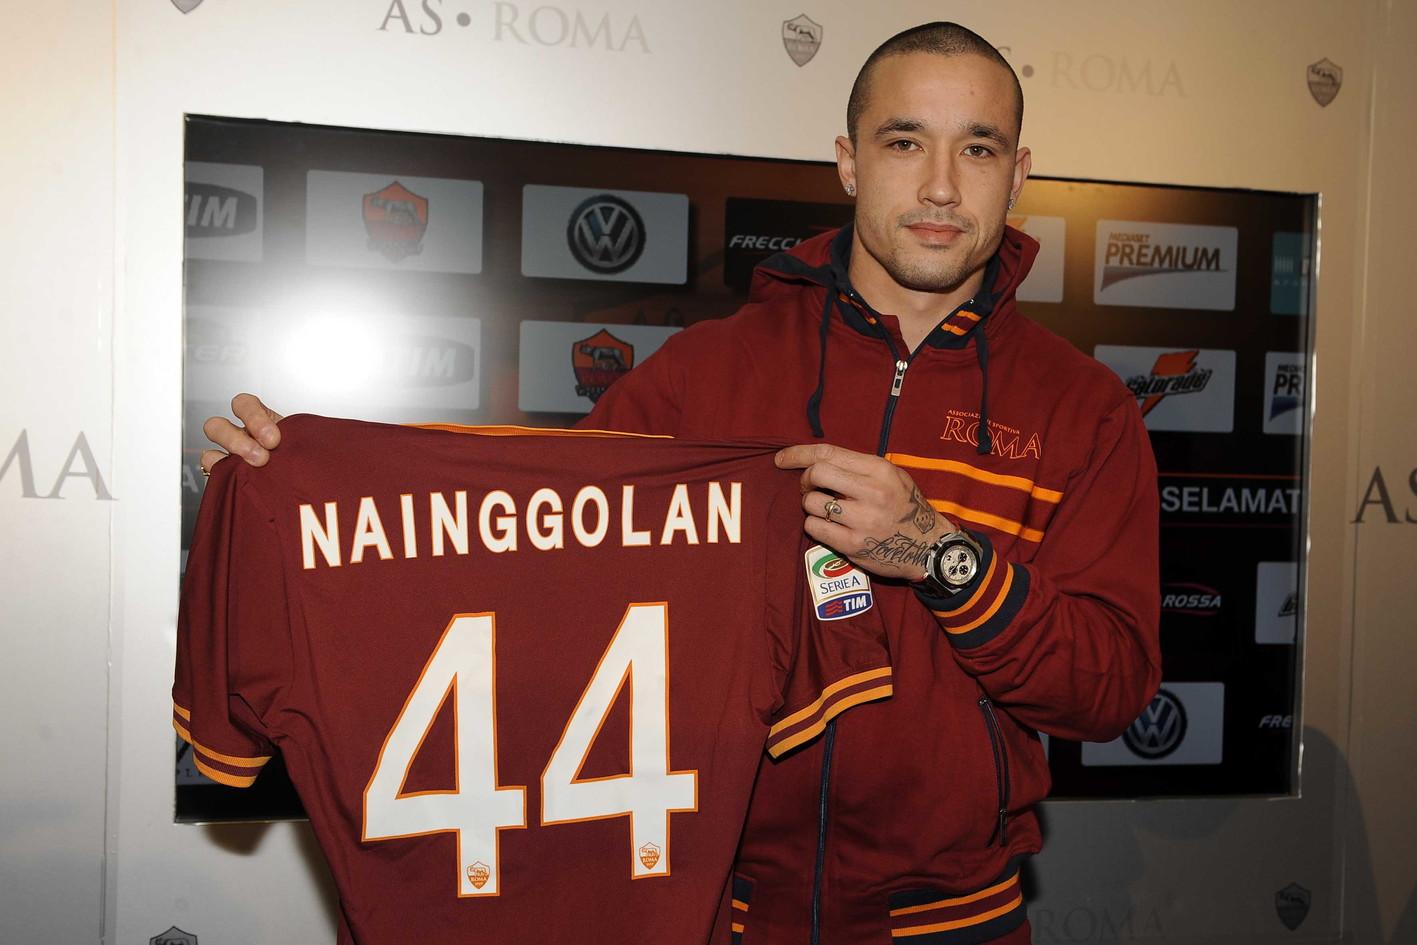 2 - Radja Nainggolan - dal Cagliari alla Roma nel 2014